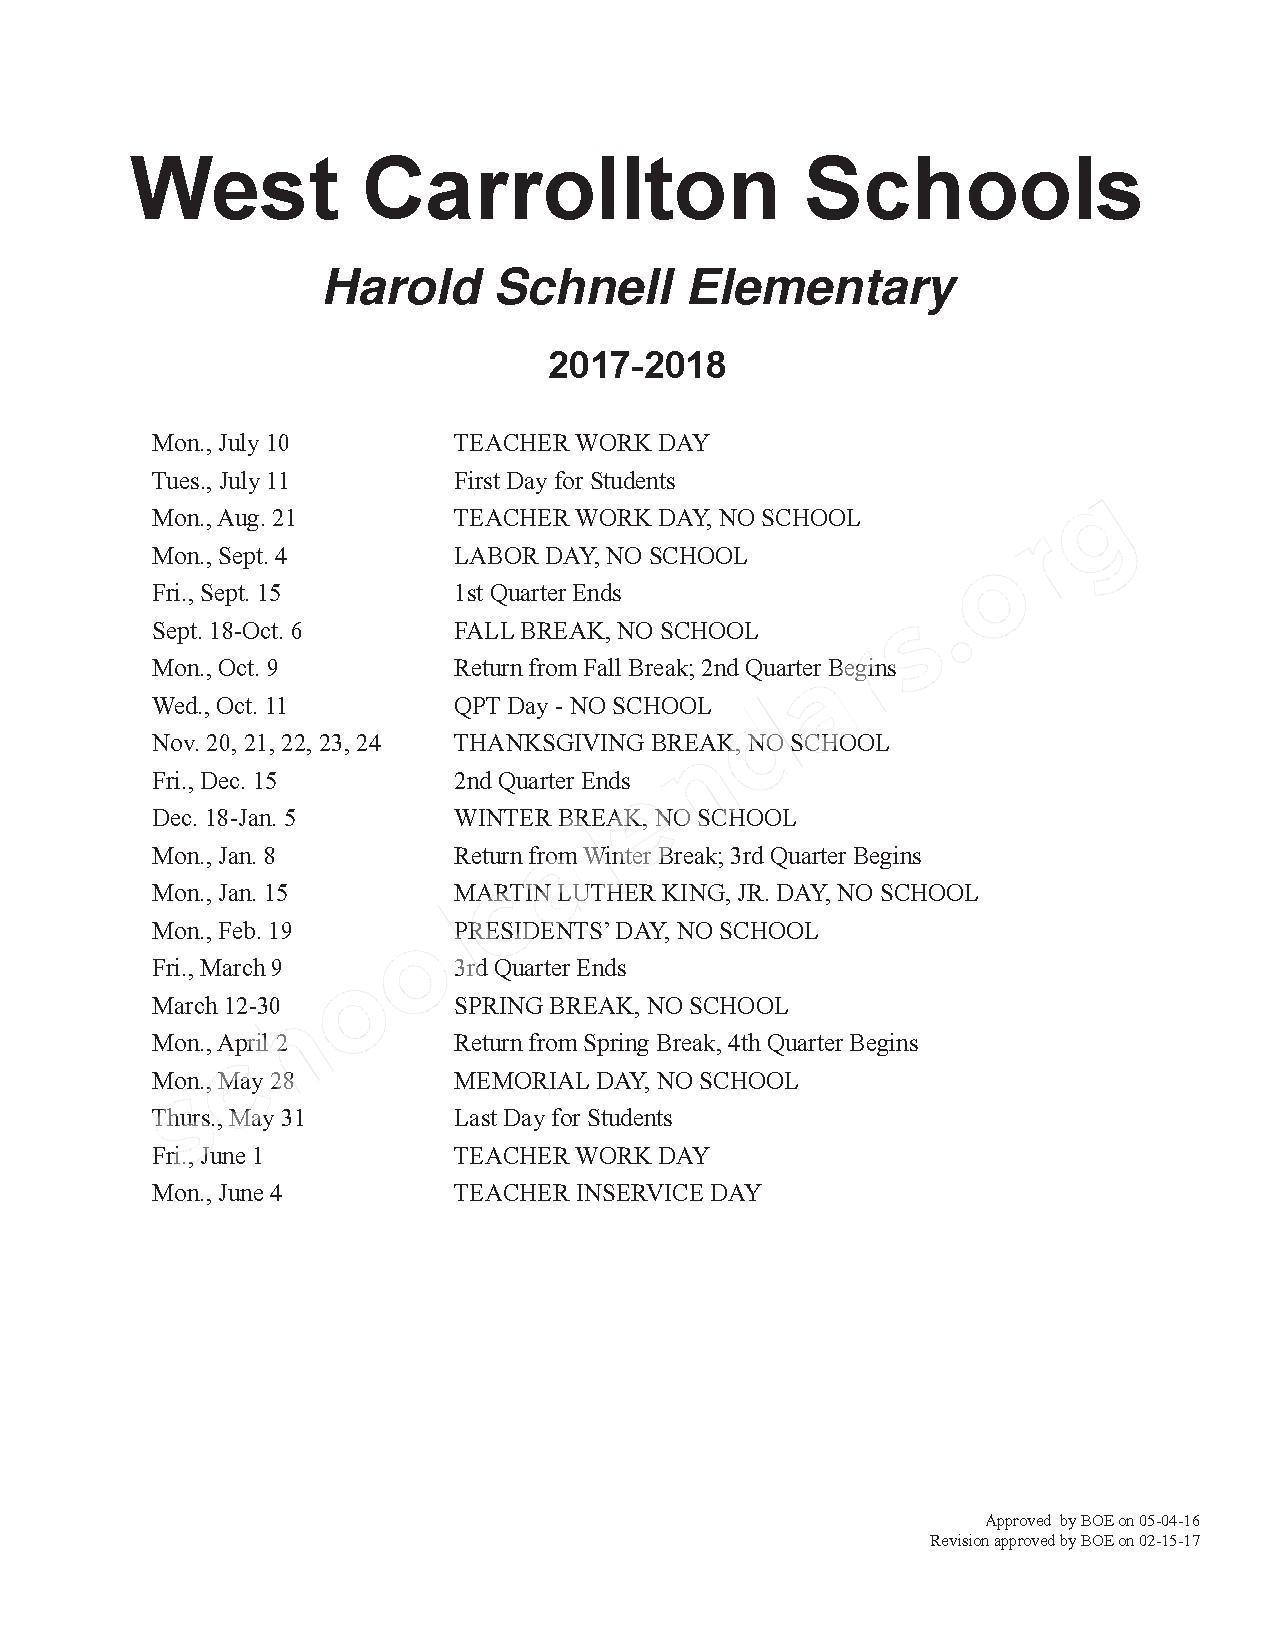 2017 - 2018 School Calendar – West Carrollton City Schools – page 2